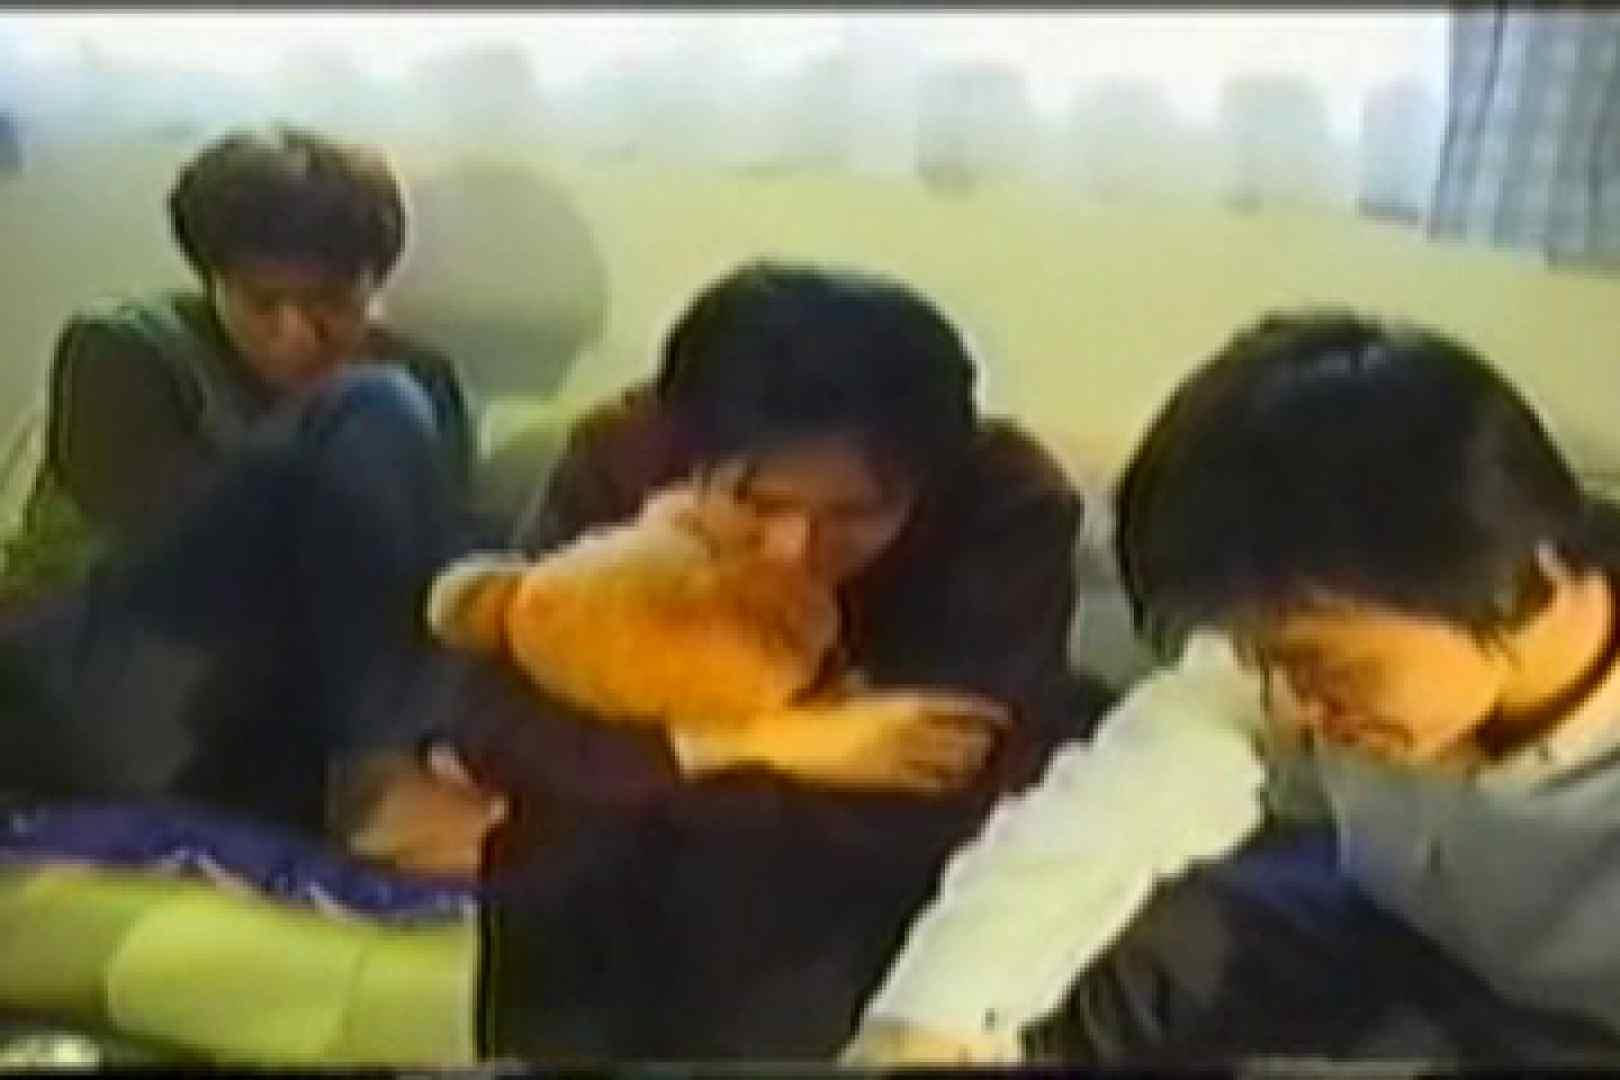 【流出】若者たちの集い 企画 ゲイ射精シーン 86画像 80